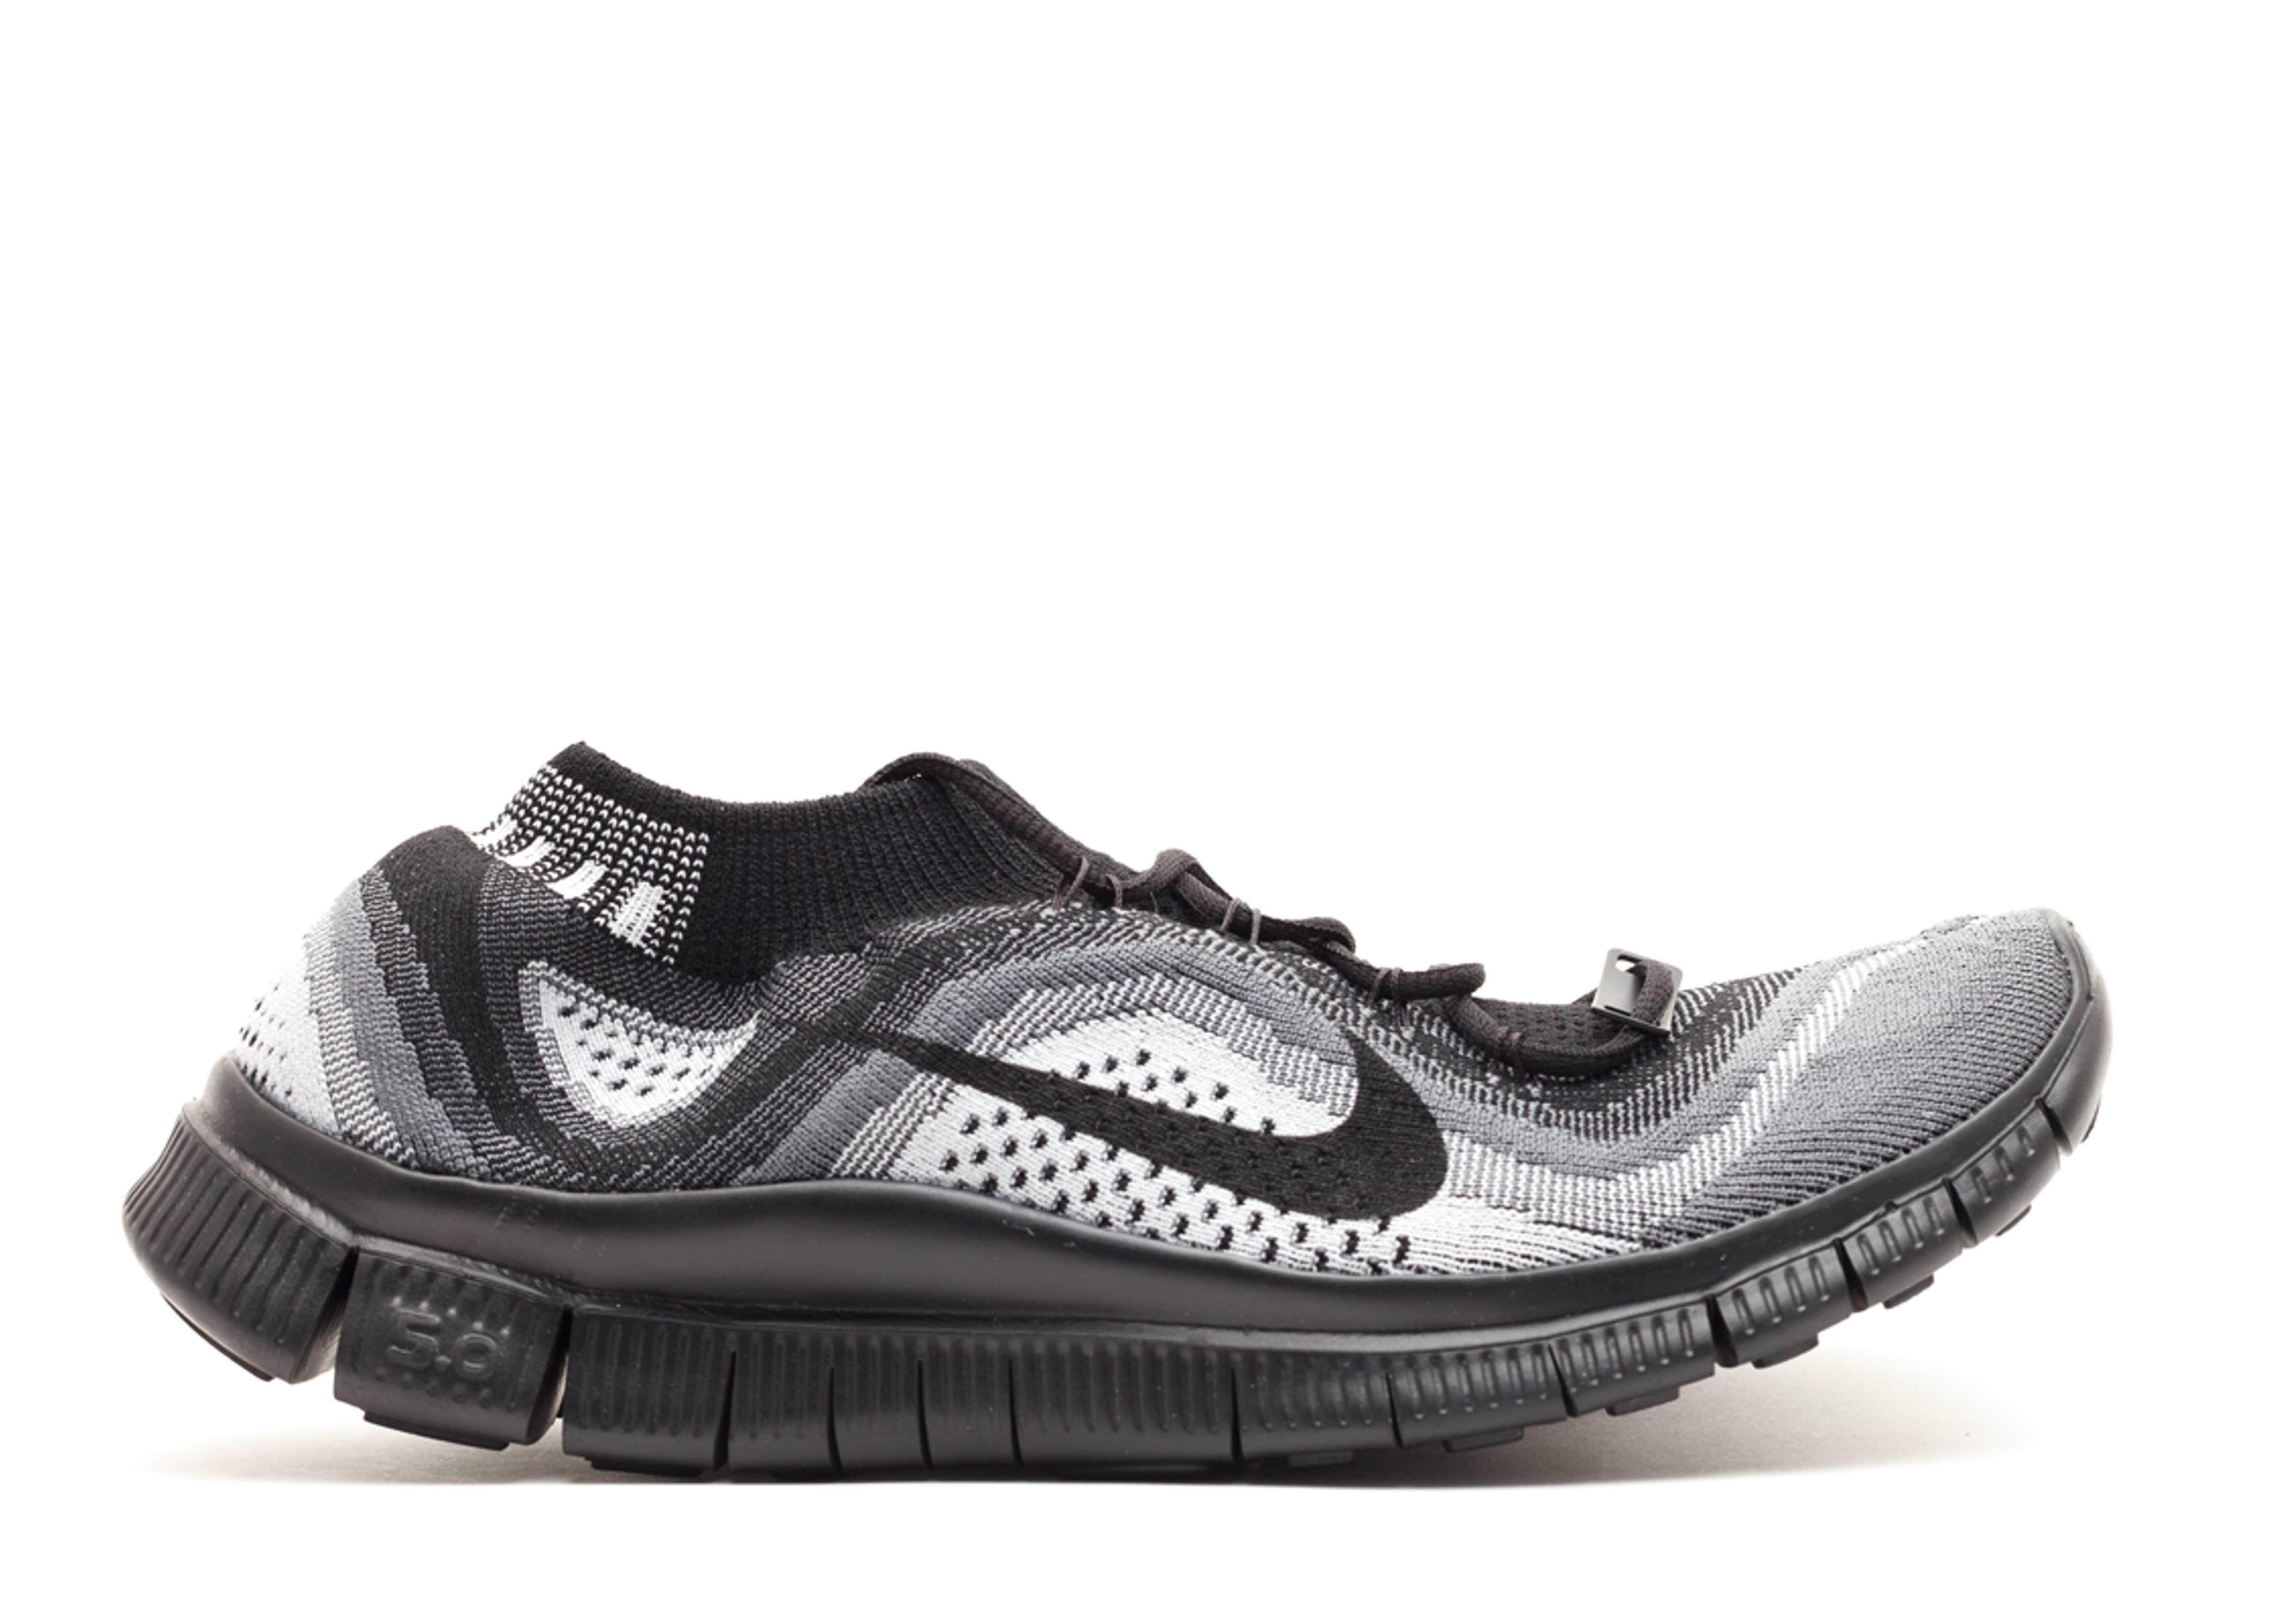 Nike Free Flyknit+ SP - 634426 009